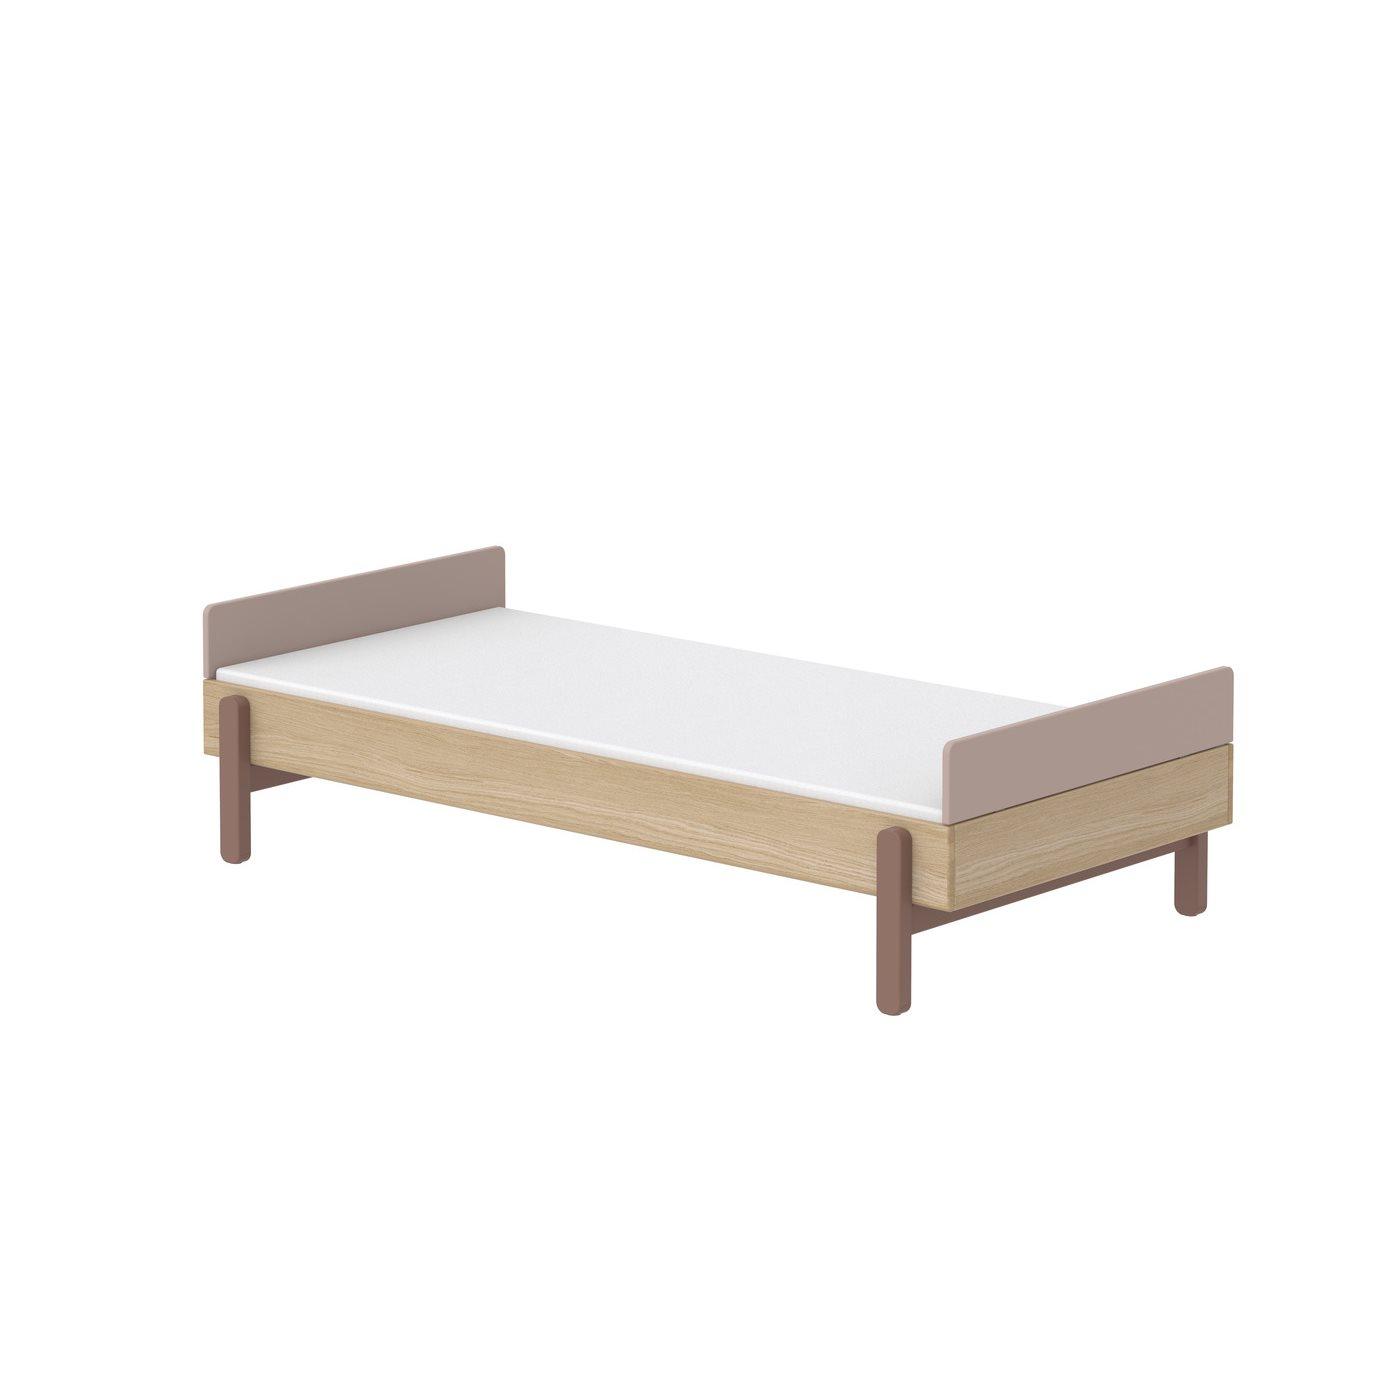 Säng 90 cm POPSICLE fot- och huvudgavel, Flexa